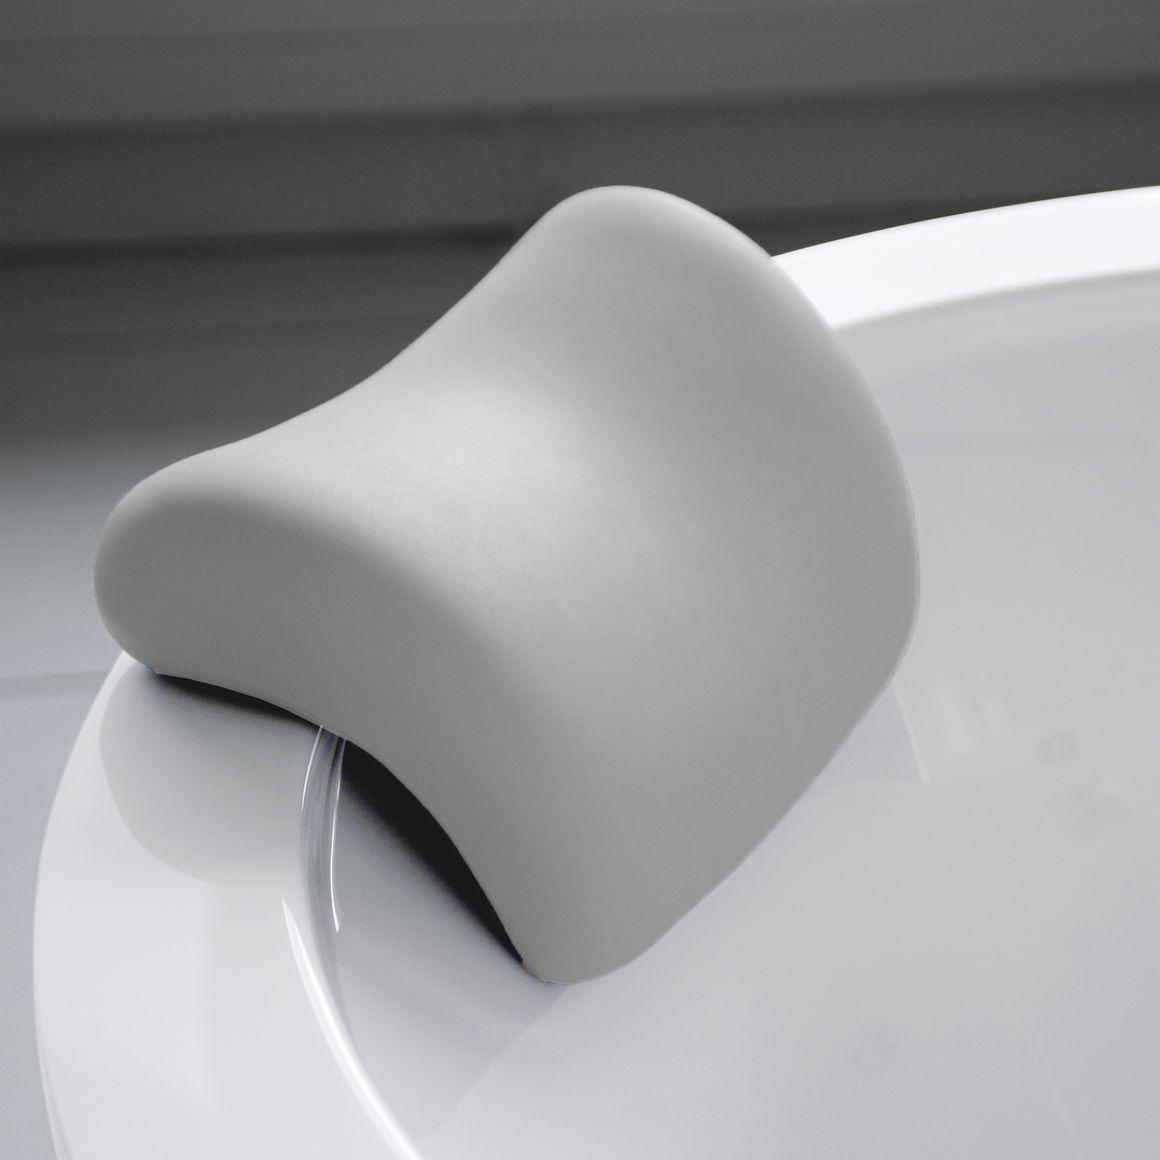 Cuscino per vasca da bagno modelli prezzi ed offerte online - Supporto per vasca da bagno ...